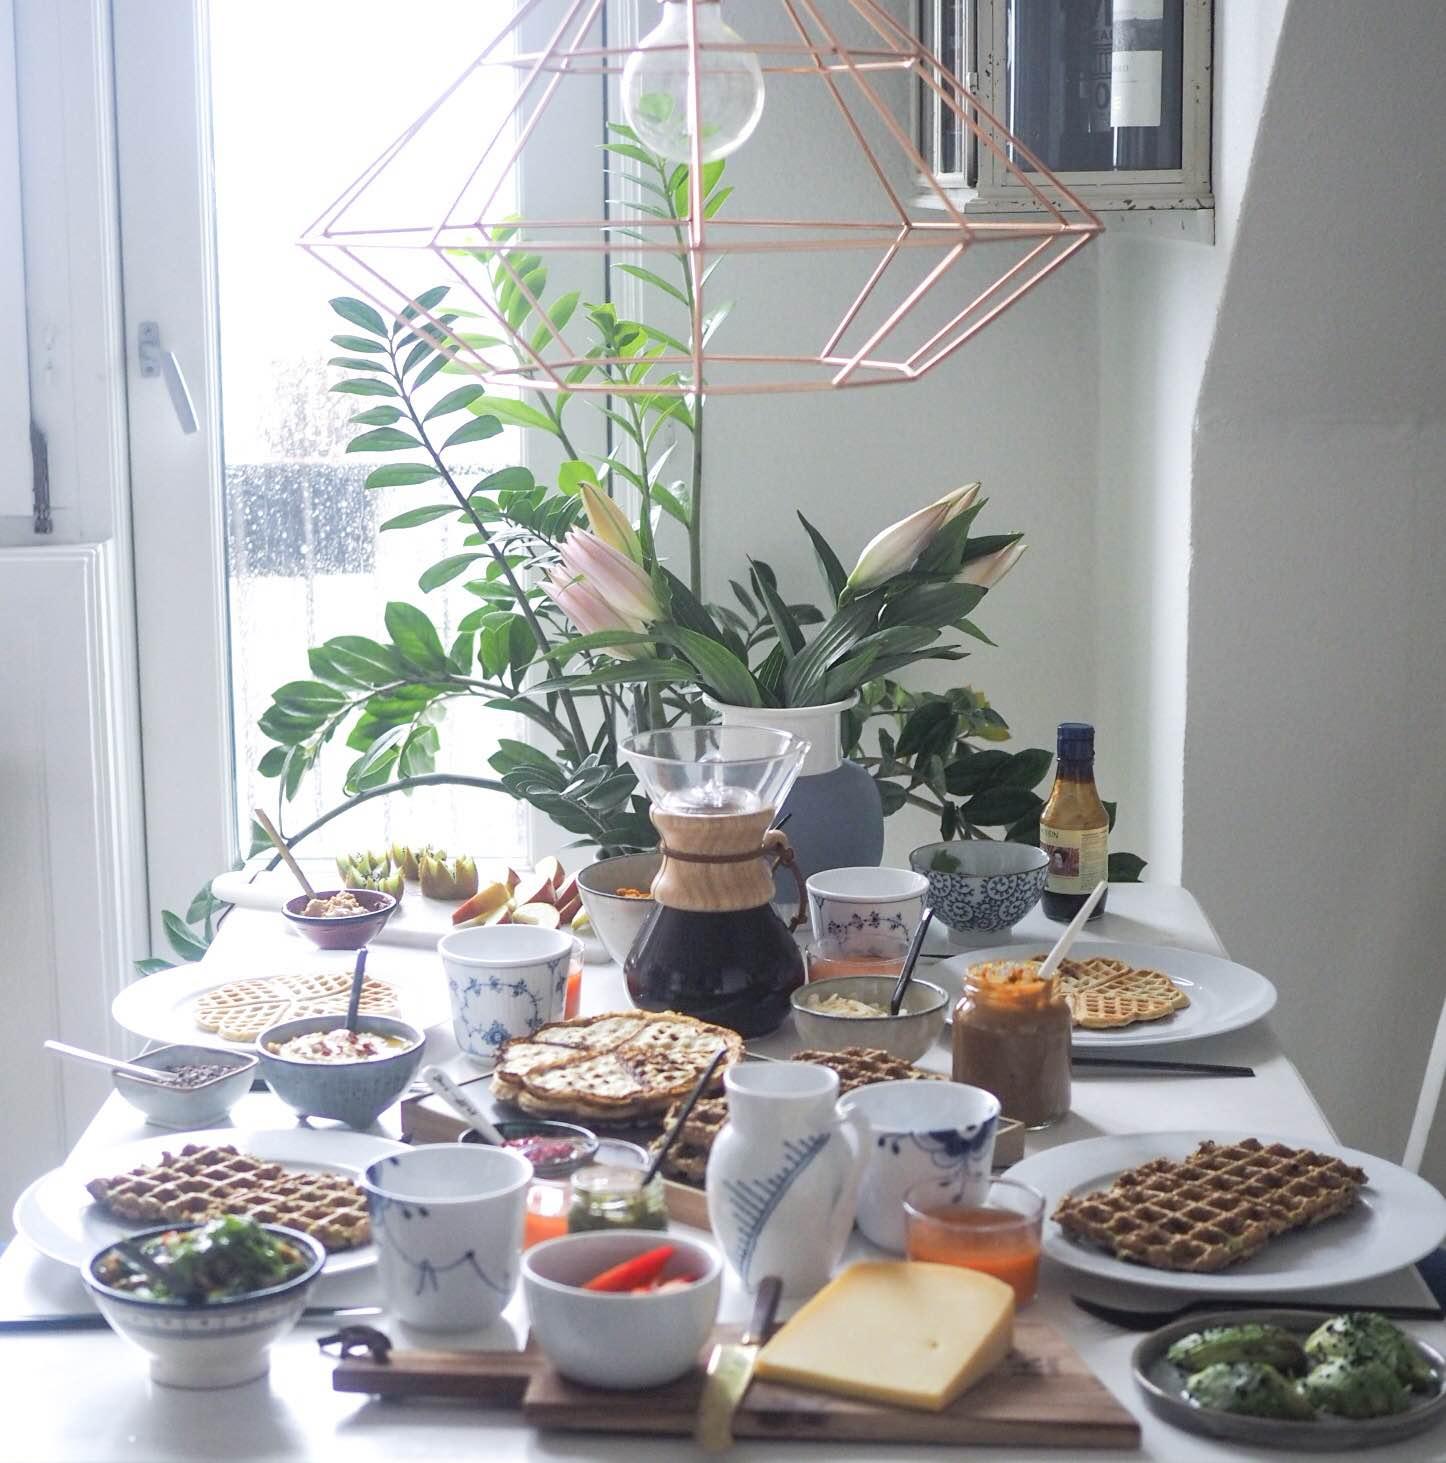 Brunchbord med det hele i weekenden; vafler, kaffe, hjemmelavet karamel, hummus og avokado